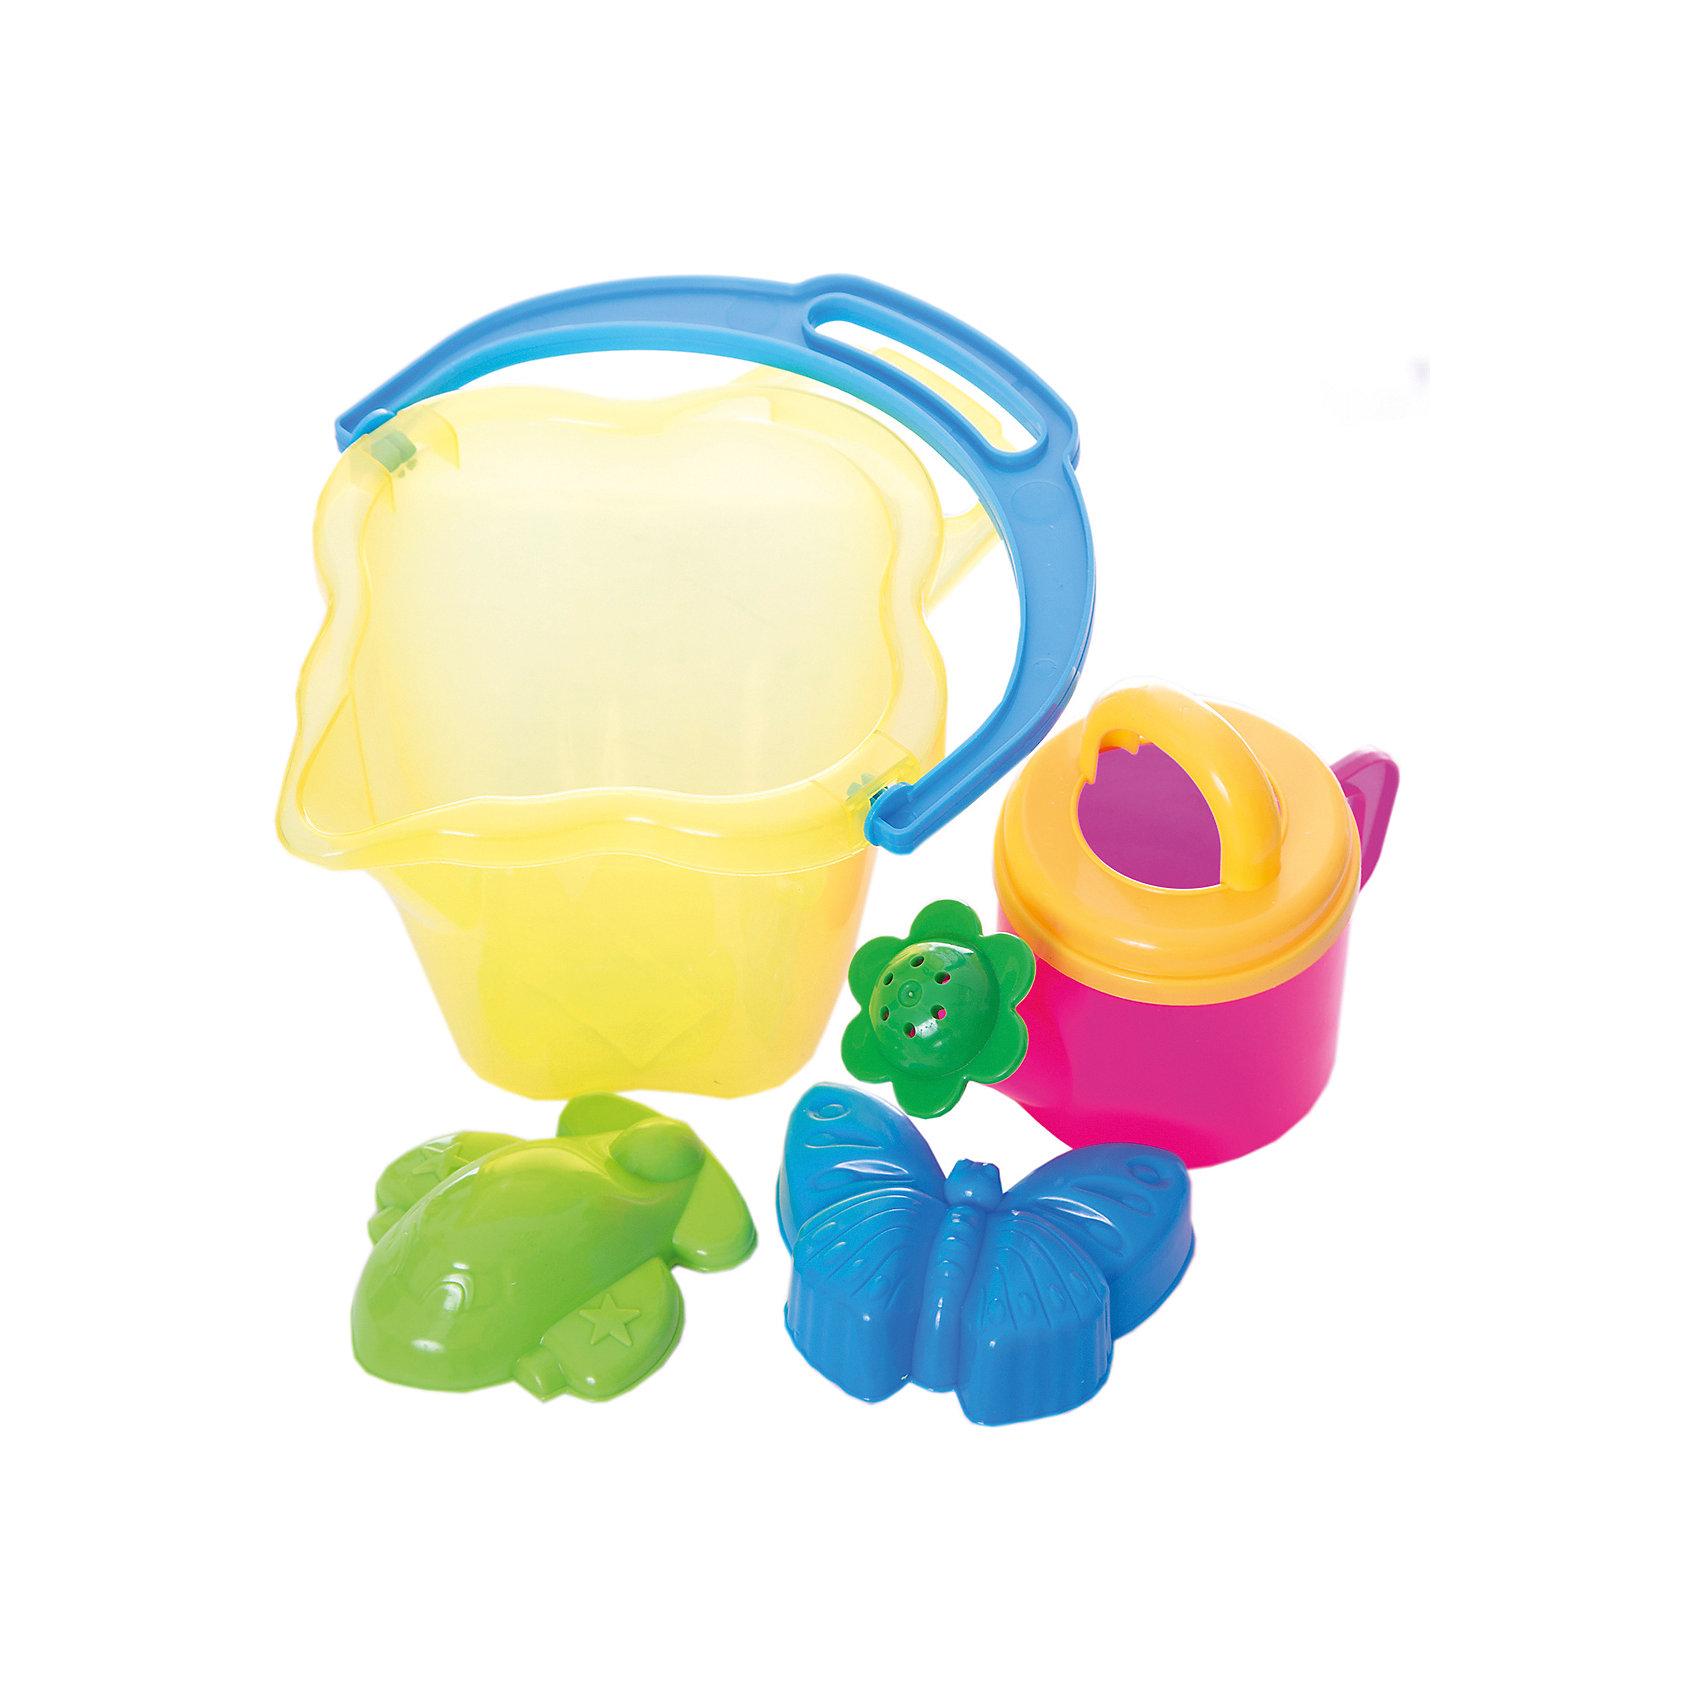 Набор для игры в песочнице, СтелларИгра с песком - одна из самых любимых забав у малышей. А с красочными игрушками для песочницы любимое занятие станет еще веселее и интереснее. В Набор для игры в песочнице, Стеллар, входят две формочки, ведёрко и лейка. Все предметы имеют эргономичную форму,<br>удобную для захвата маленькой детской ручкой. Ведерко прямоугольной формы и лейка прекрасно подходят для строительства сказочных замков или для садовых работ. А с помощью ярких формочек получатся симпатичные фигурки-куличики. Набор выполнен из качественного и прочного материала, не содержащего в составе вредных красителей. Способствует развитию тактильных ощущений, мелкой и крупной моторики, а также двигательной активности ребенка.<br><br>Дополнительная информация:        <br><br>- В комплекте: 1 ведерко, 1 лейка, 2 формочки.<br>- Материал: пластик. <br>- Размер упаковки: 18 х 22 х 17,5 см.<br>- Вес: 0,4 кг.<br><br>Набор для игры в песочнице, Стеллар, можно купить в нашем интернет-магазине.<br><br>Ширина мм: 180<br>Глубина мм: 220<br>Высота мм: 175<br>Вес г: 400<br>Возраст от месяцев: 36<br>Возраст до месяцев: 72<br>Пол: Унисекс<br>Возраст: Детский<br>SKU: 4639139